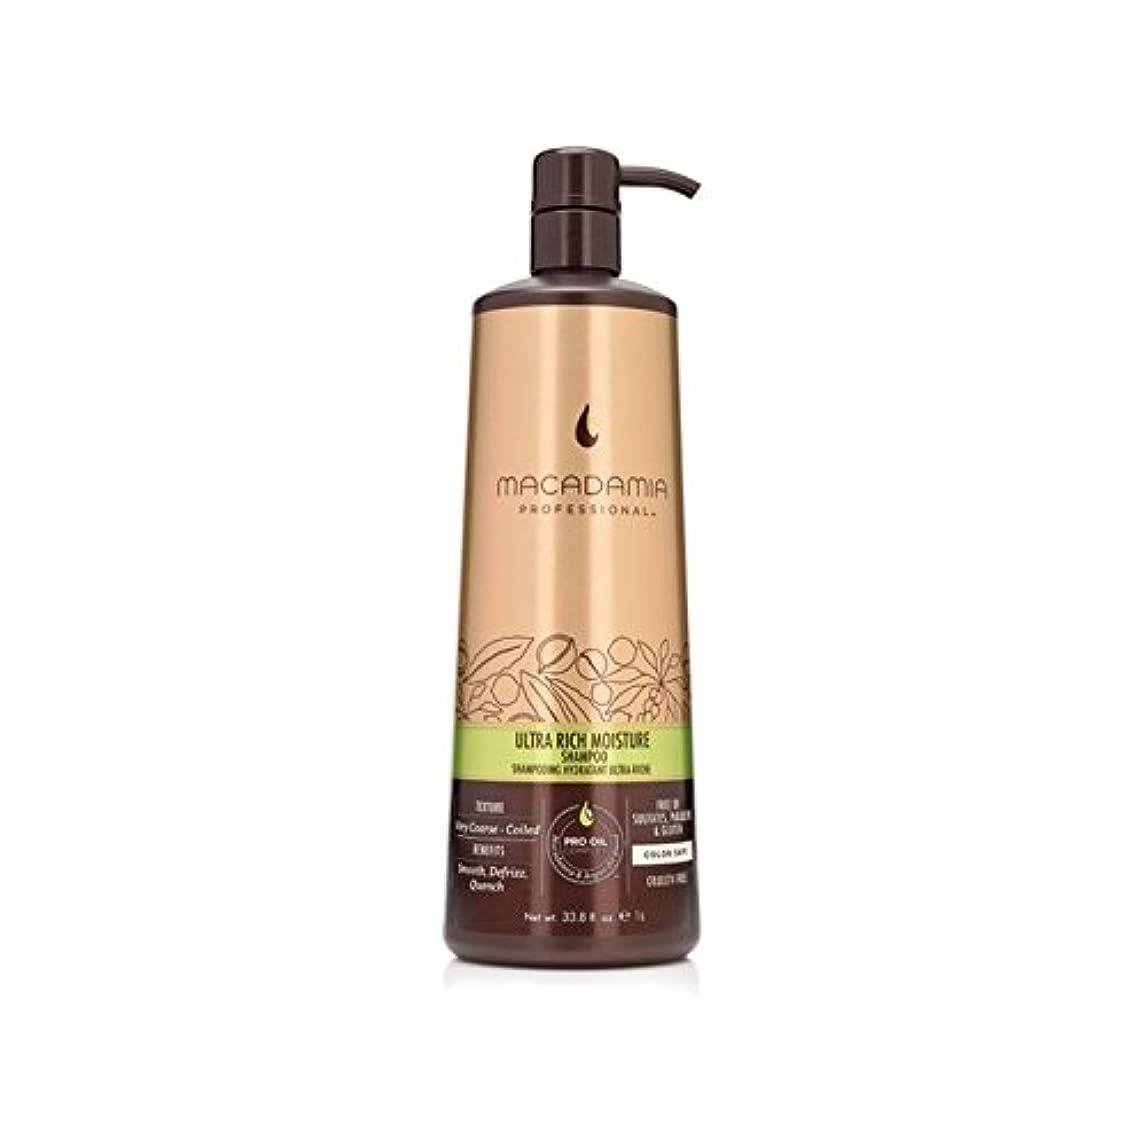 バラ色検体債権者Macadamia Ultra Rich Moisture Shampoo (1000ml) - マカダミア超豊富な水分シャンプー(千ミリリットル) [並行輸入品]